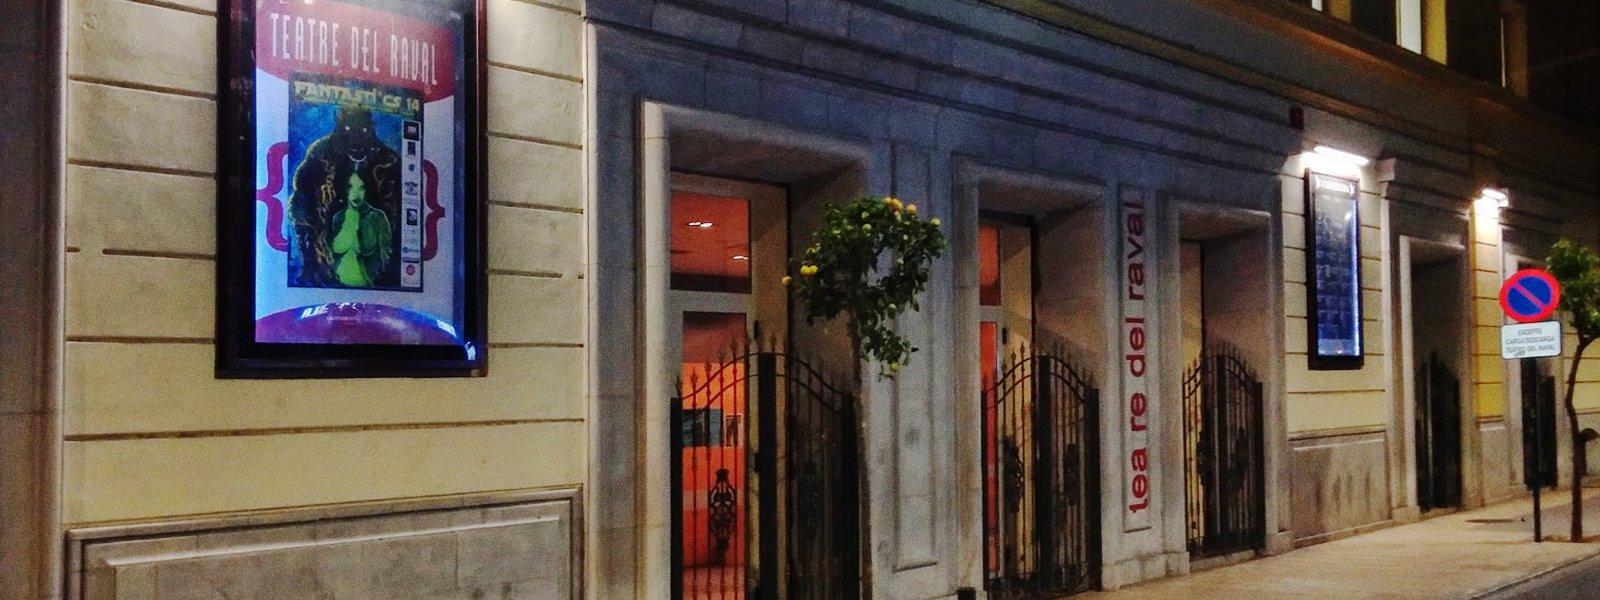 Teatre del Raval, localització per a la representació d'espectacles